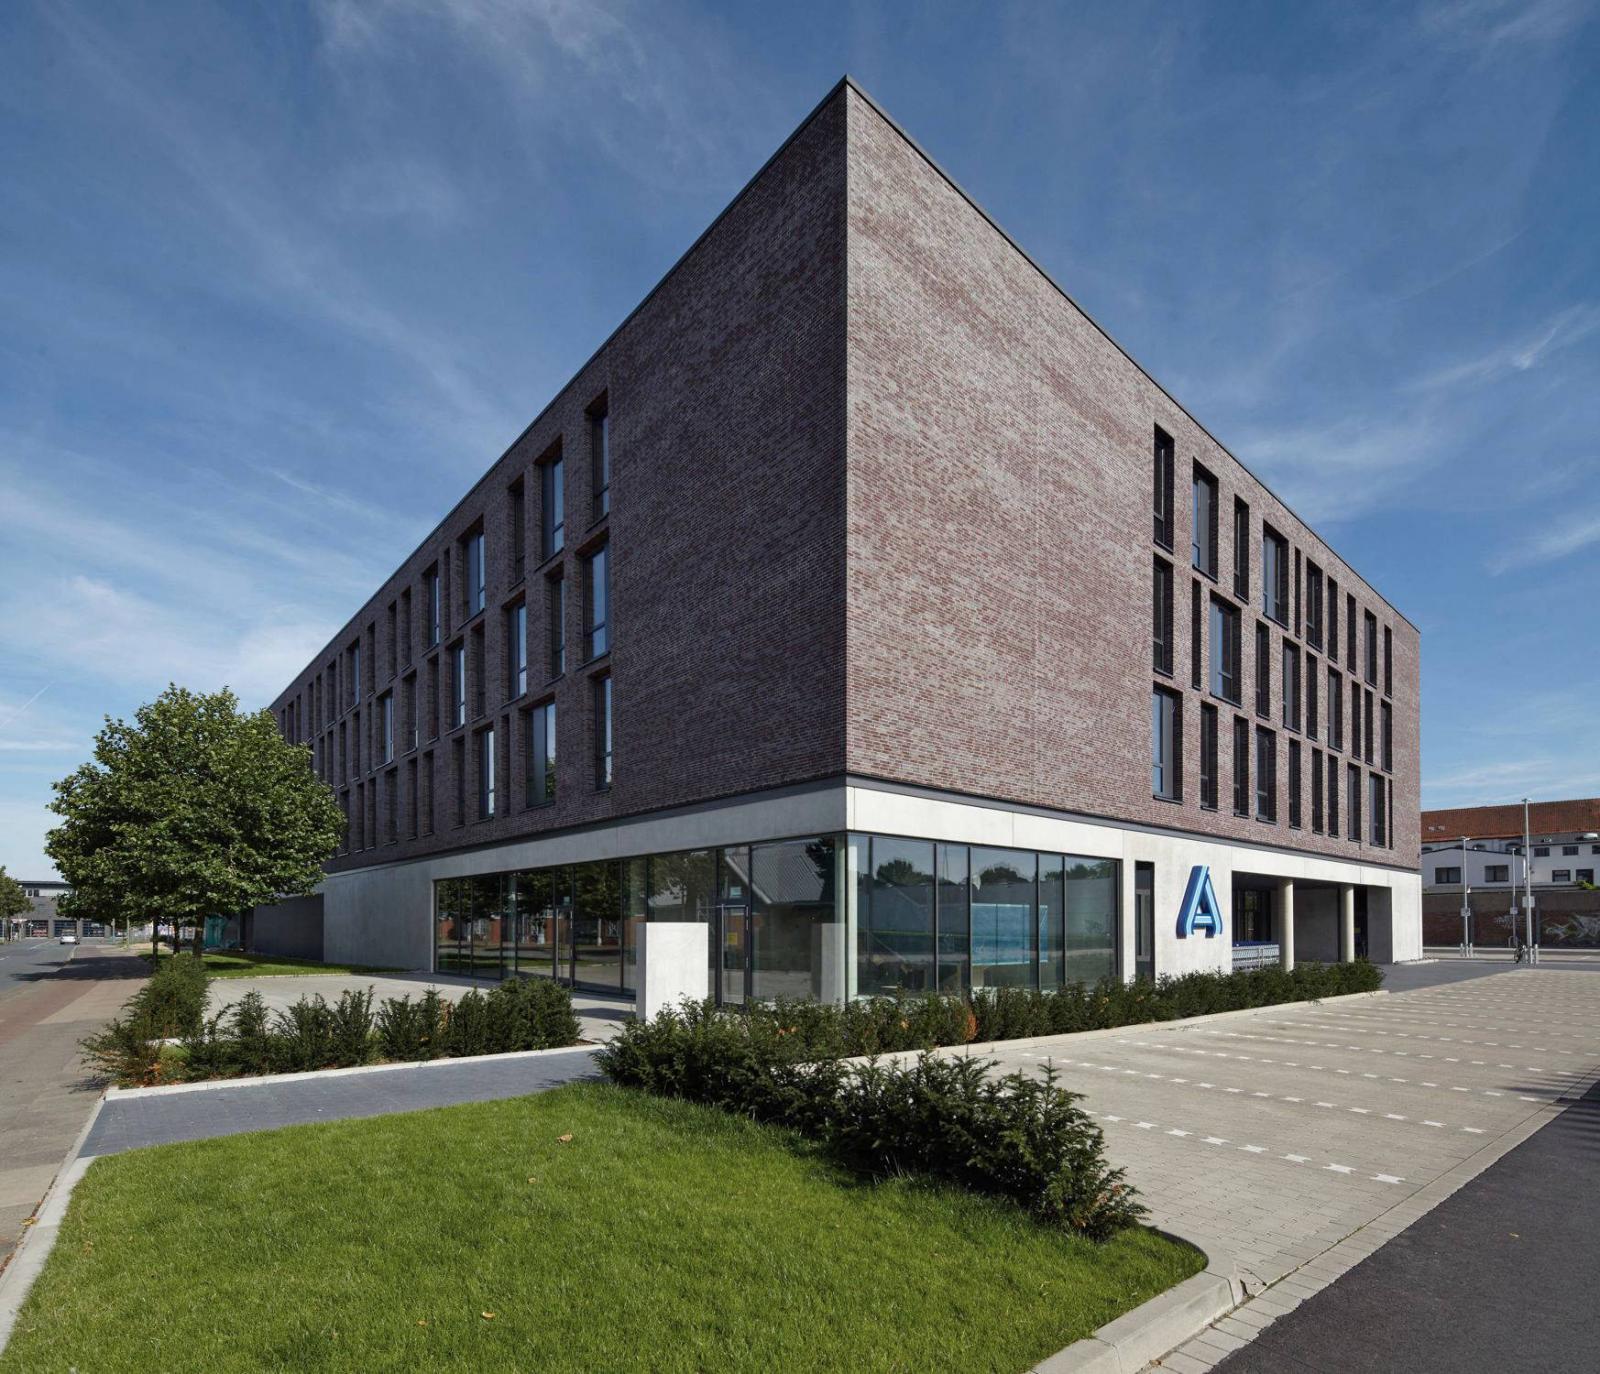 Bielefeld Architekten büro und geschäftshaus bielefeld bielefeld architektur baukunst nrw